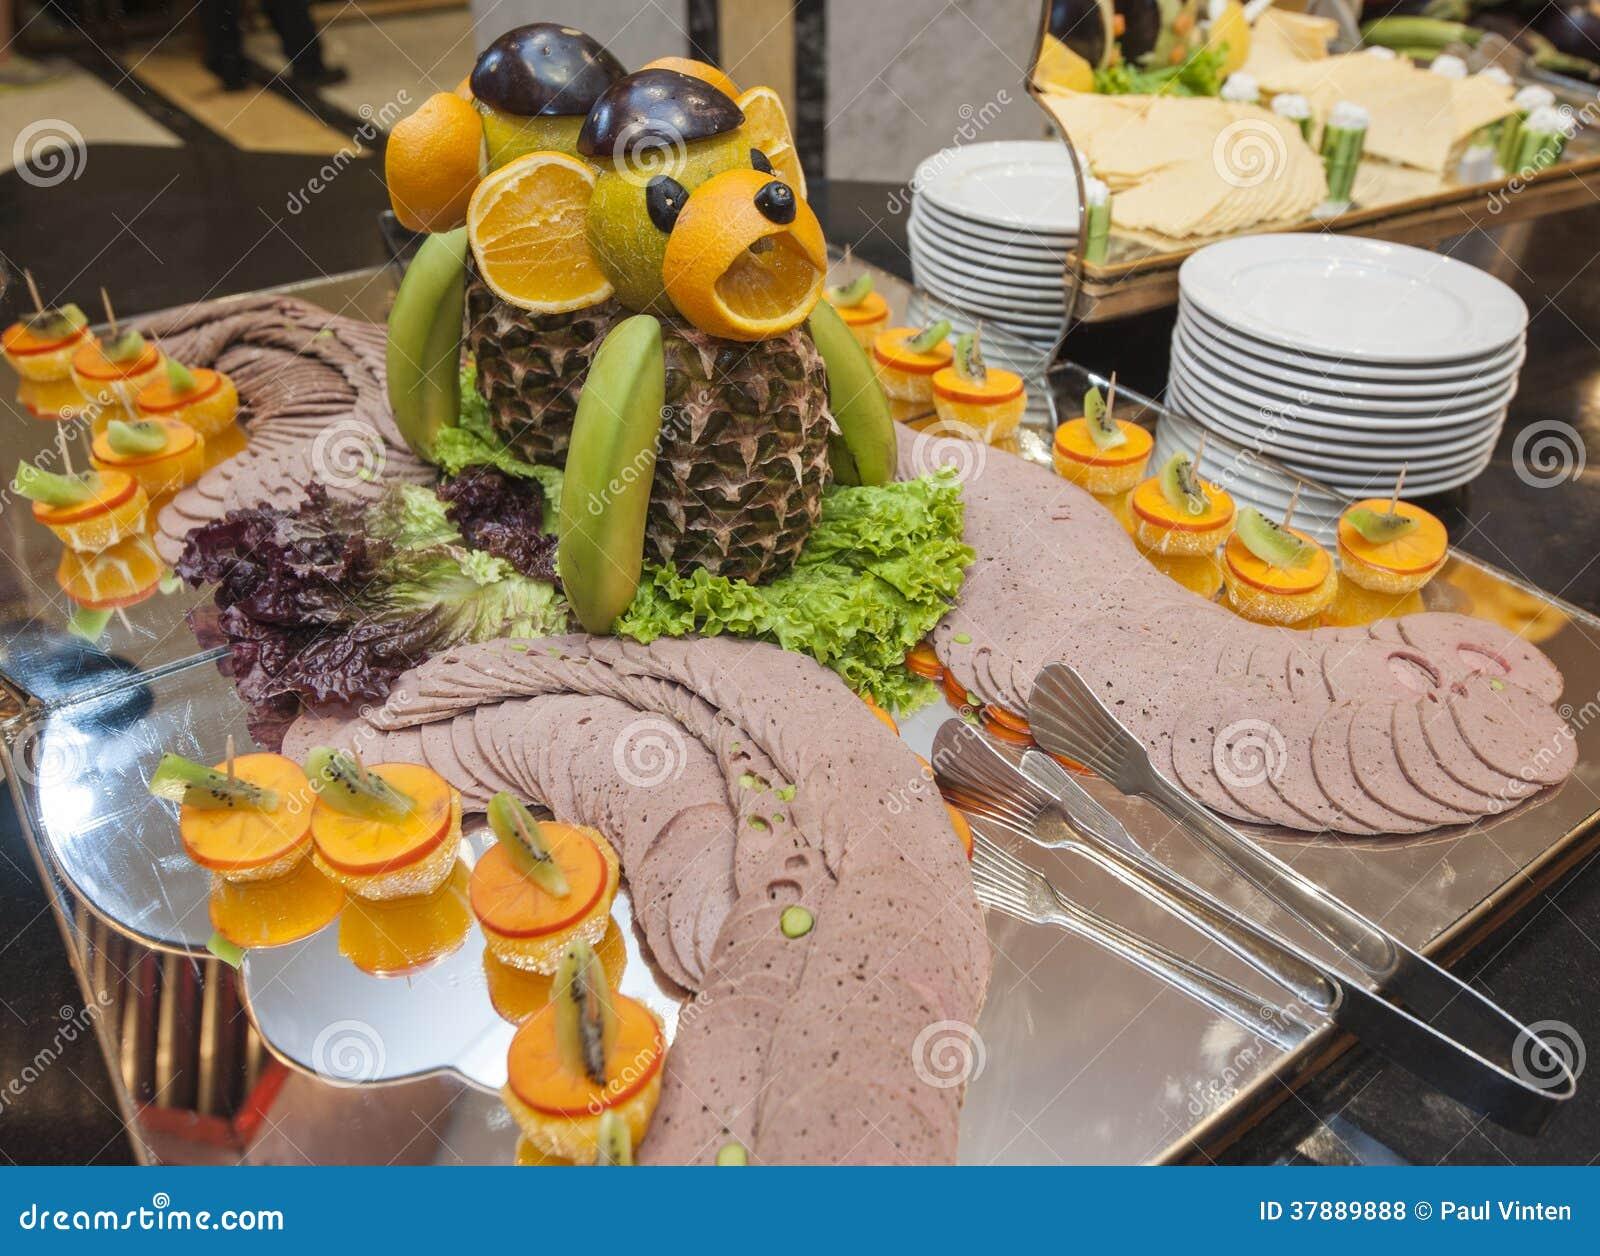 Koude vleesselectie bij een buffet